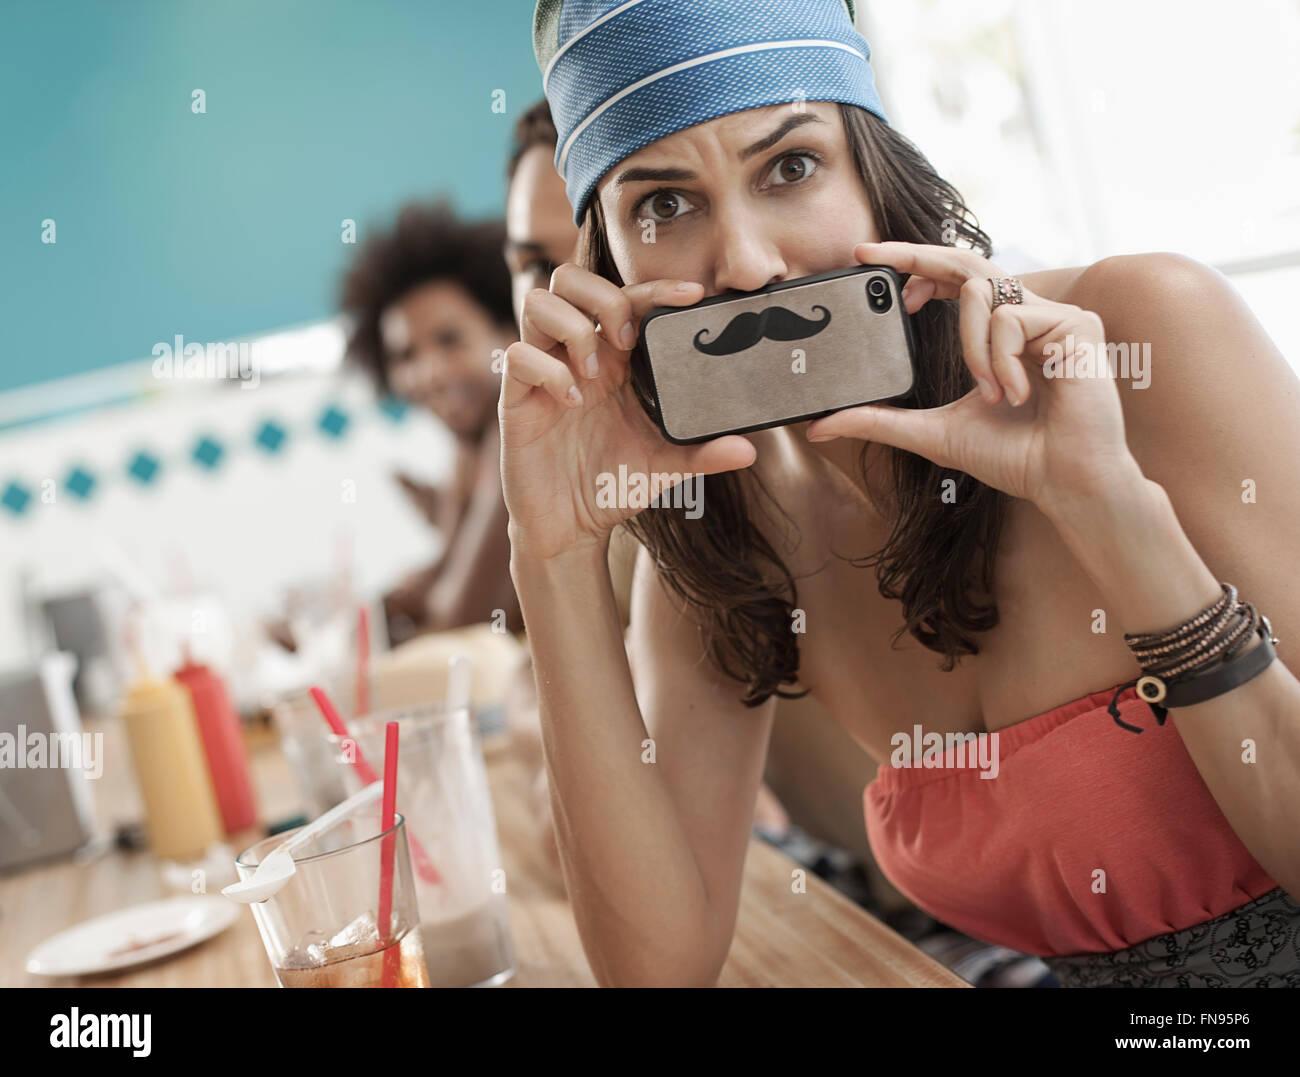 Donna che mantiene un immagine di un baffi sul suo smart phone appena sotto il suo naso. Immagini Stock